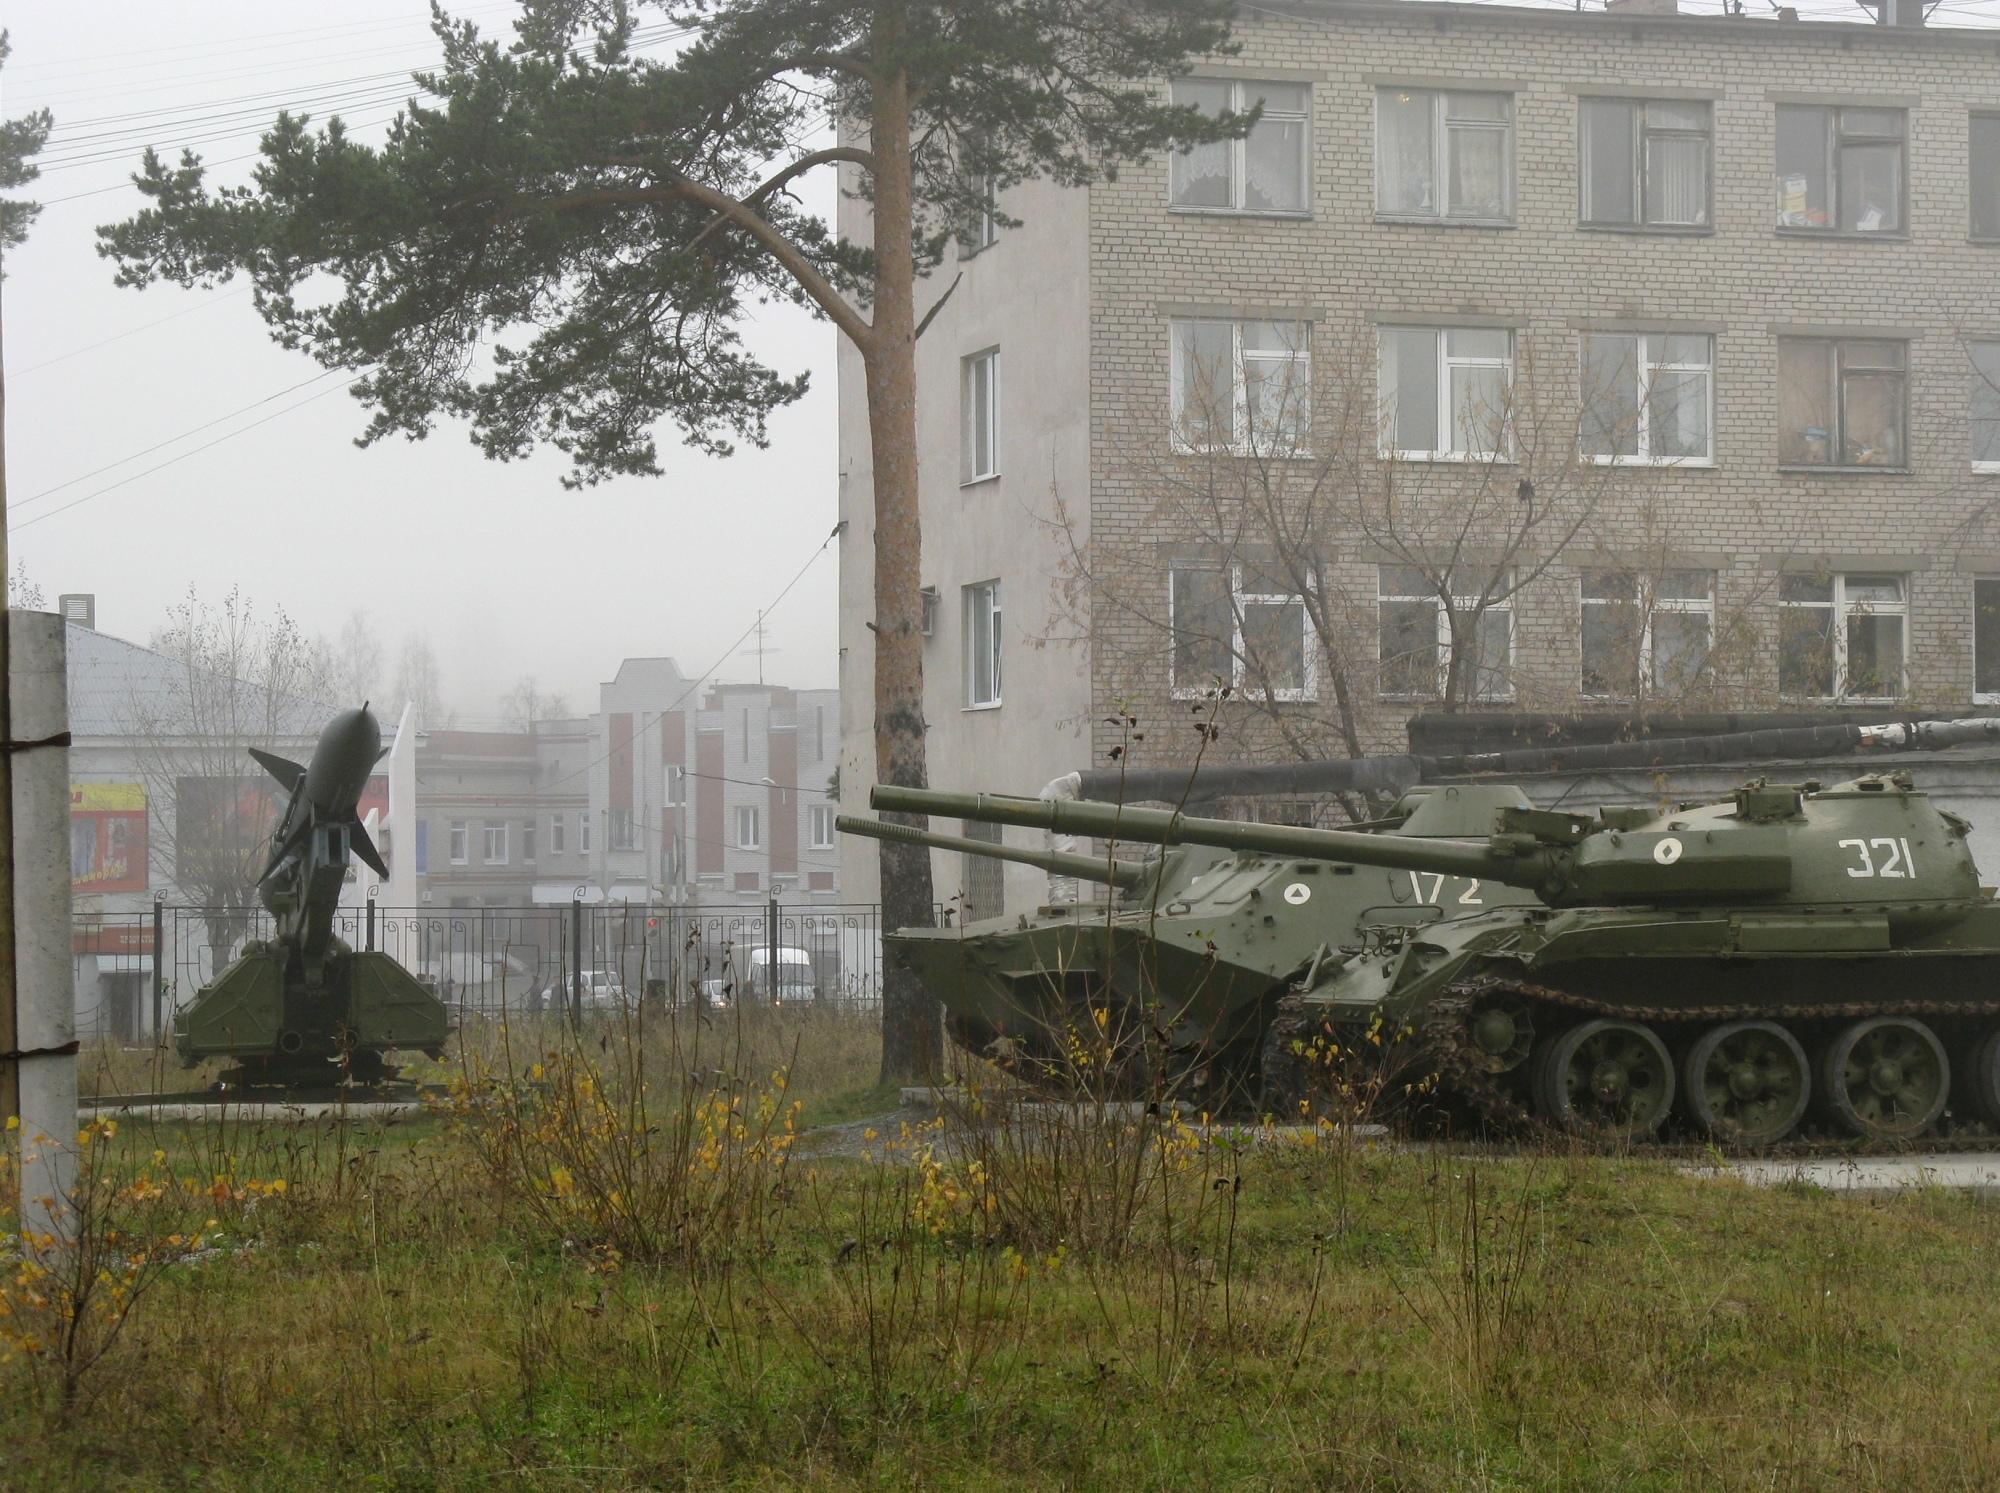 Выставка военной техники в Качканаре. Фото: Удинцева Т.А.